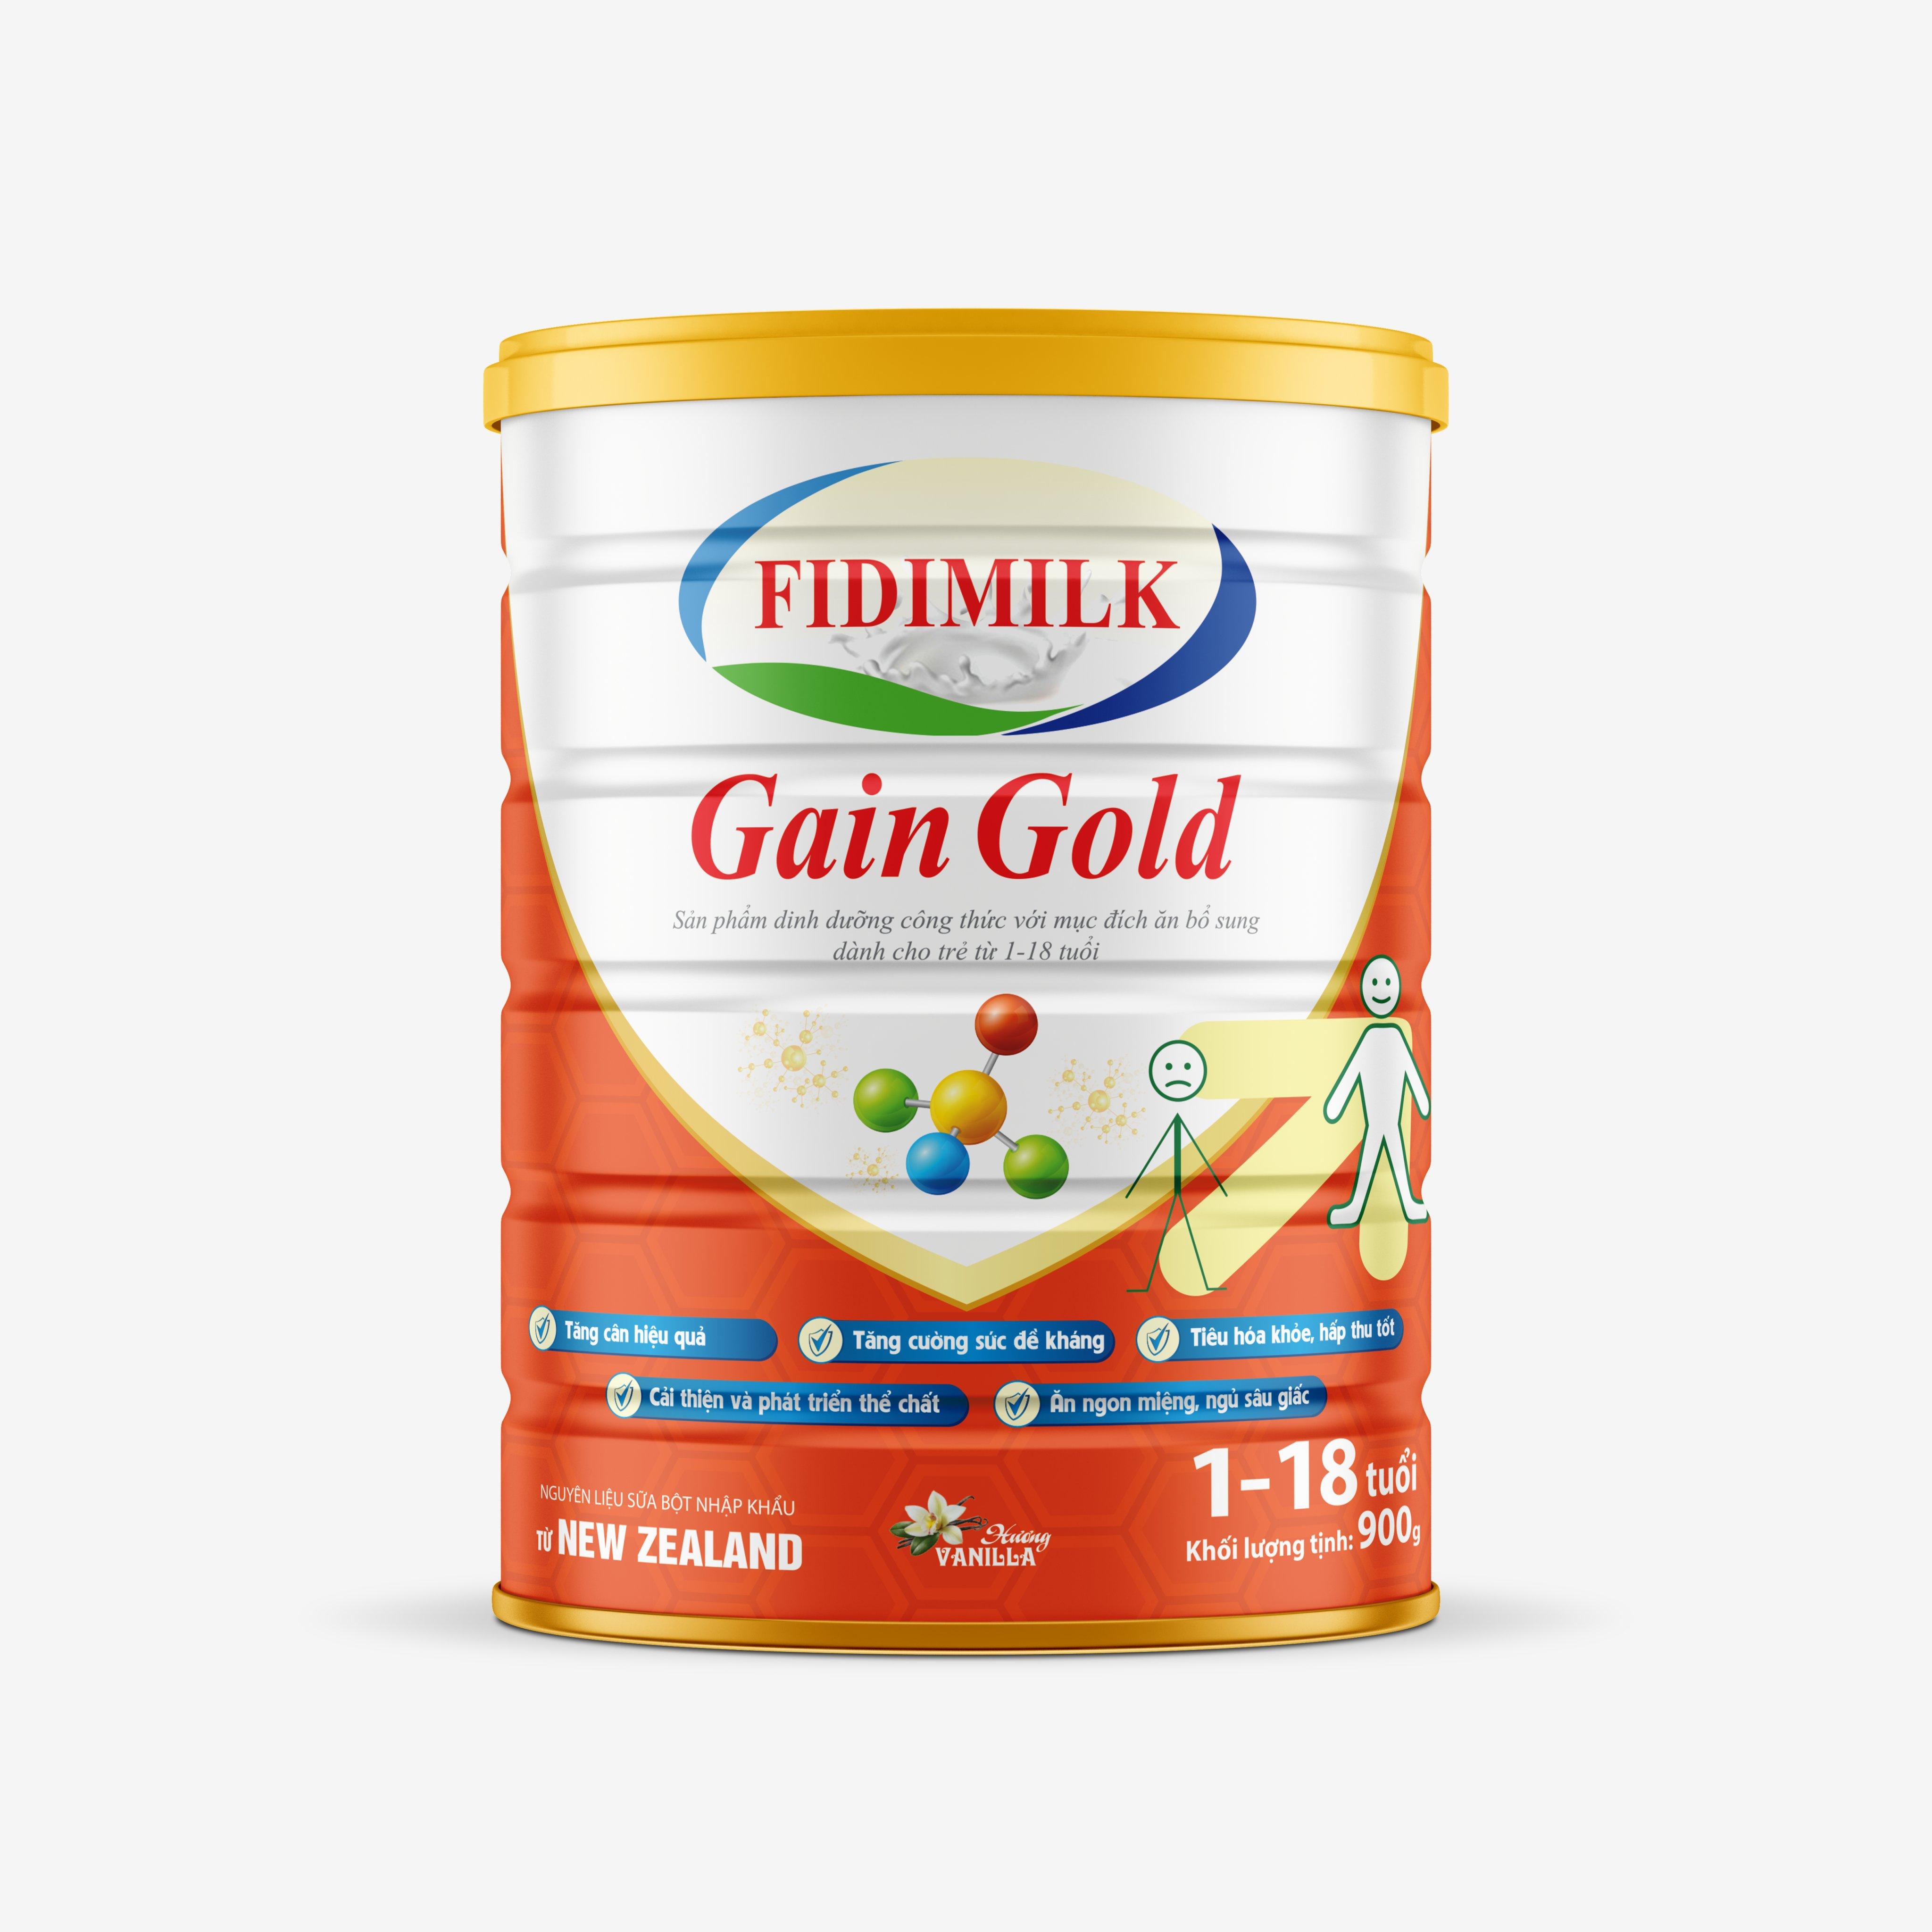 SỮA BỘT FIDIMILK GAIN GOLD